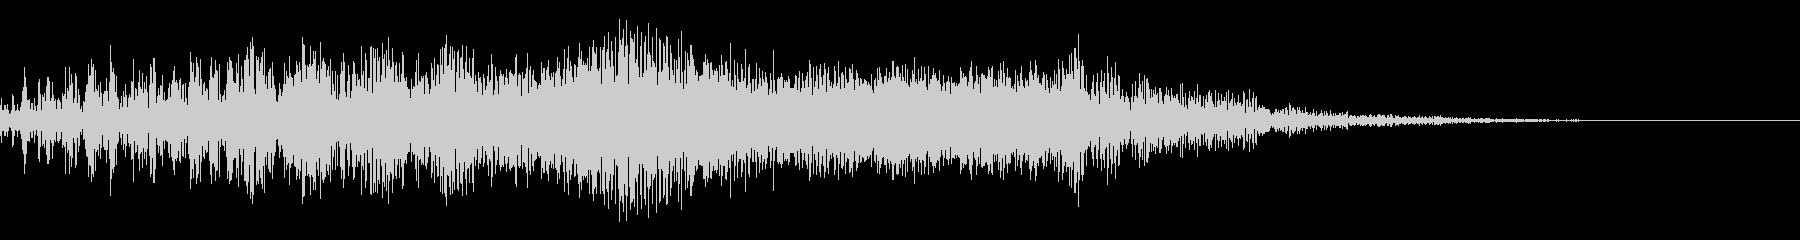 サーボ13の未再生の波形